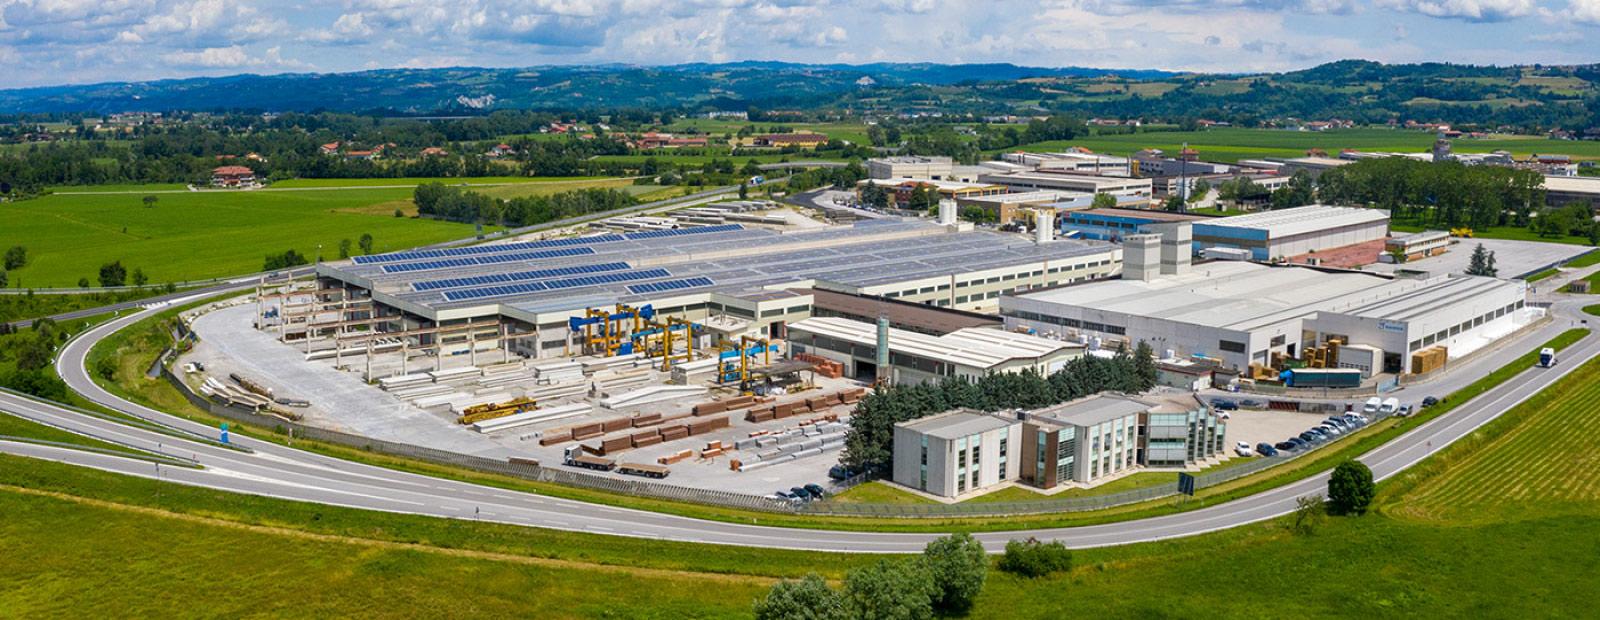 LPM Prefabbricati - Prefabbricati in cemento armato per edilizia industriale e civile - Mondovì (CN)